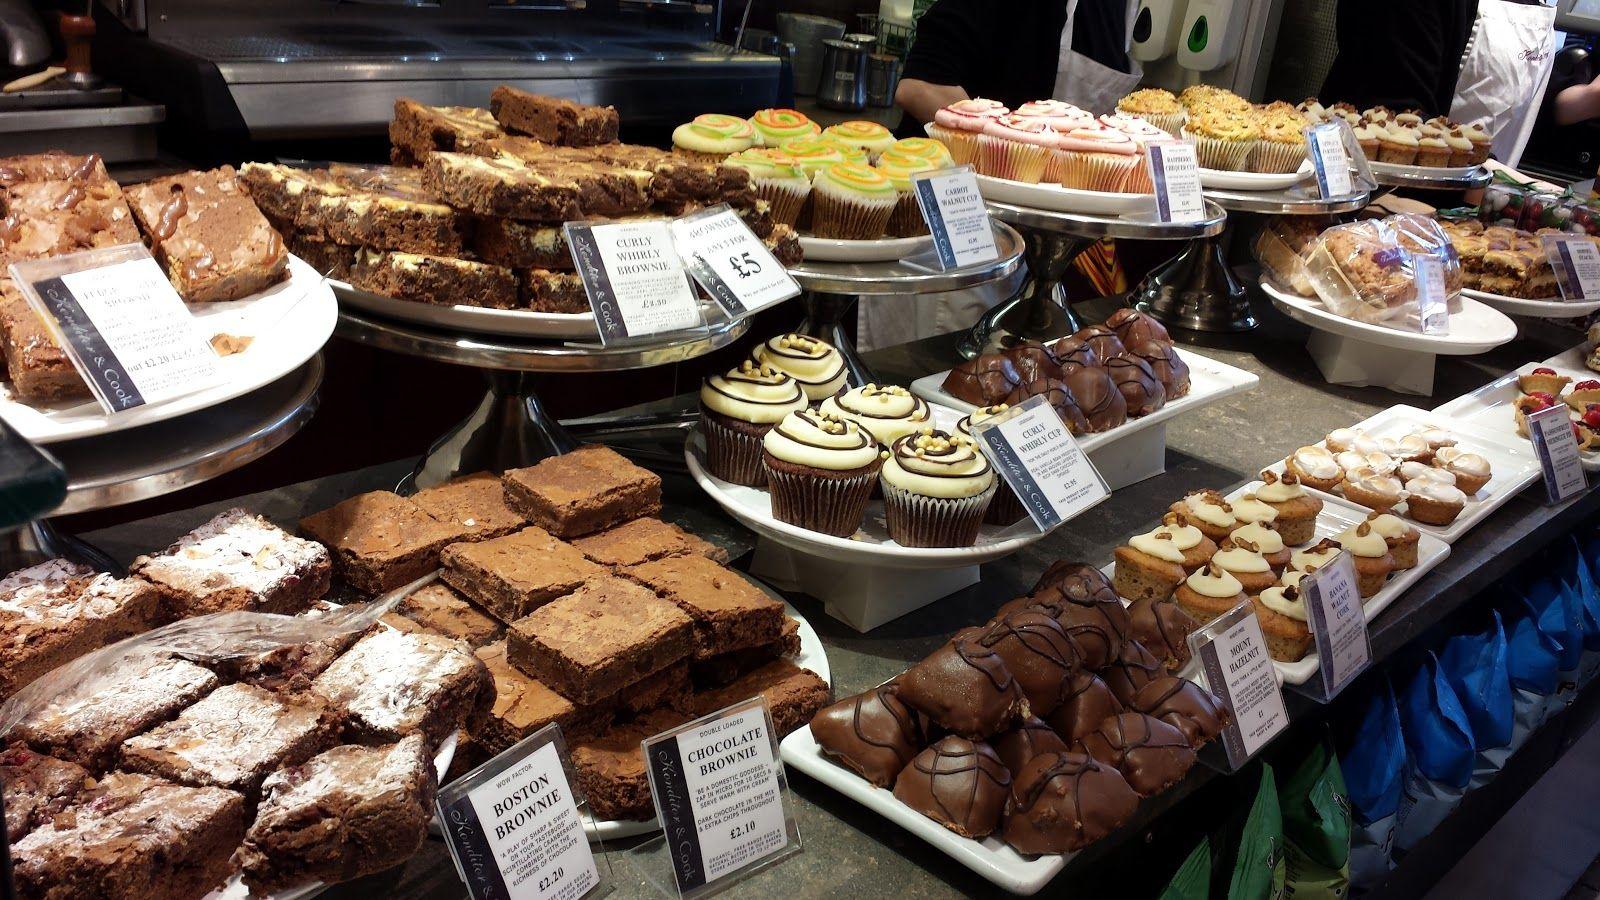 Costa Deli Cakes